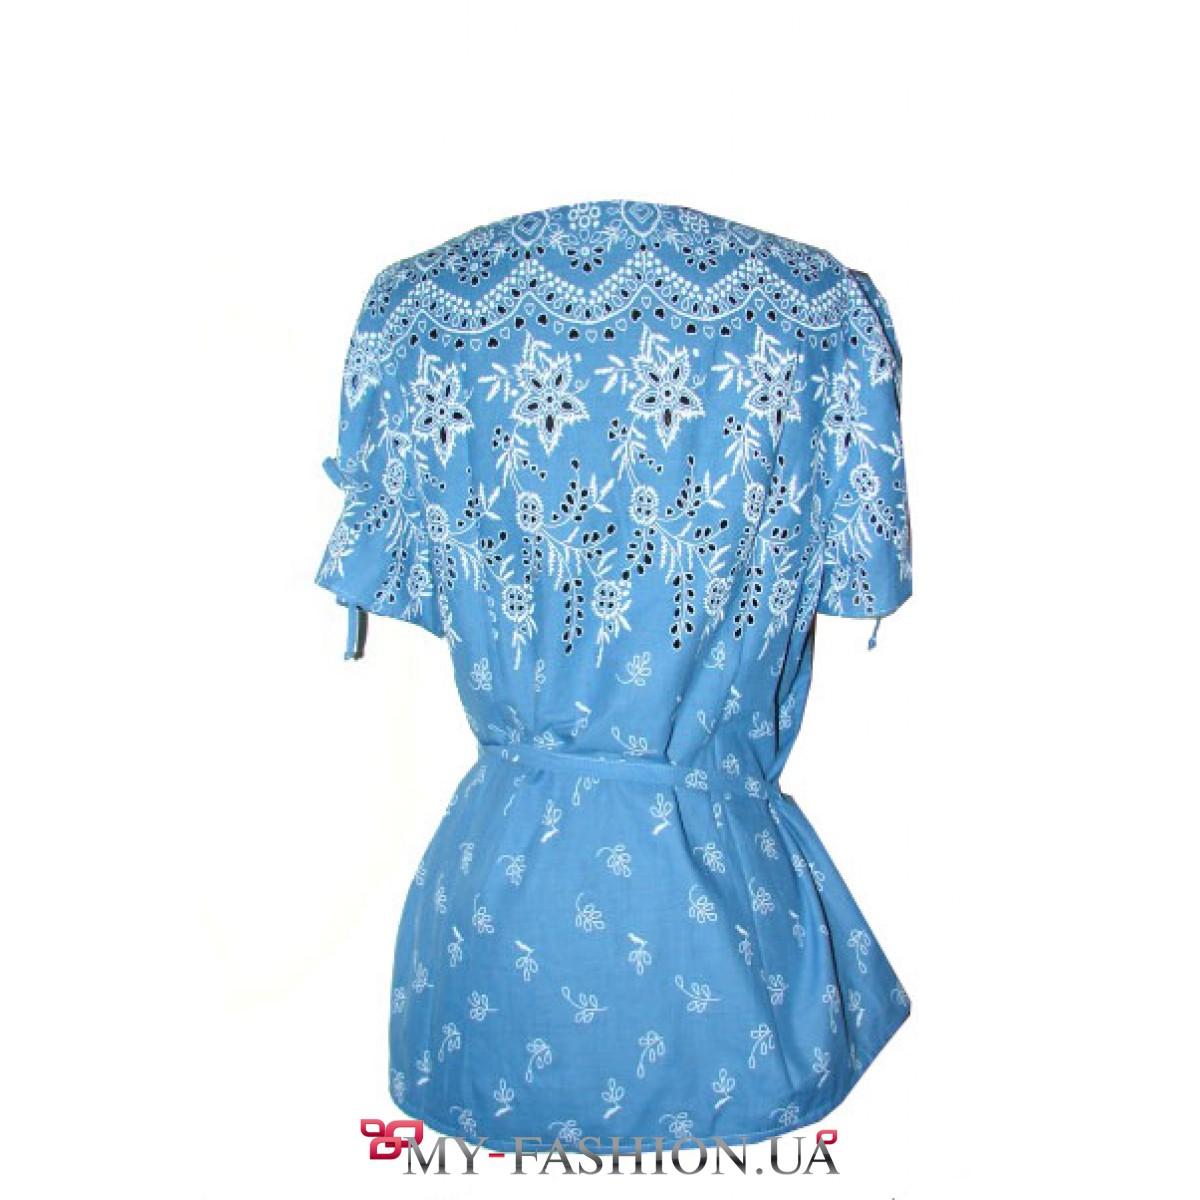 Бирюзовая блузка купить доставка